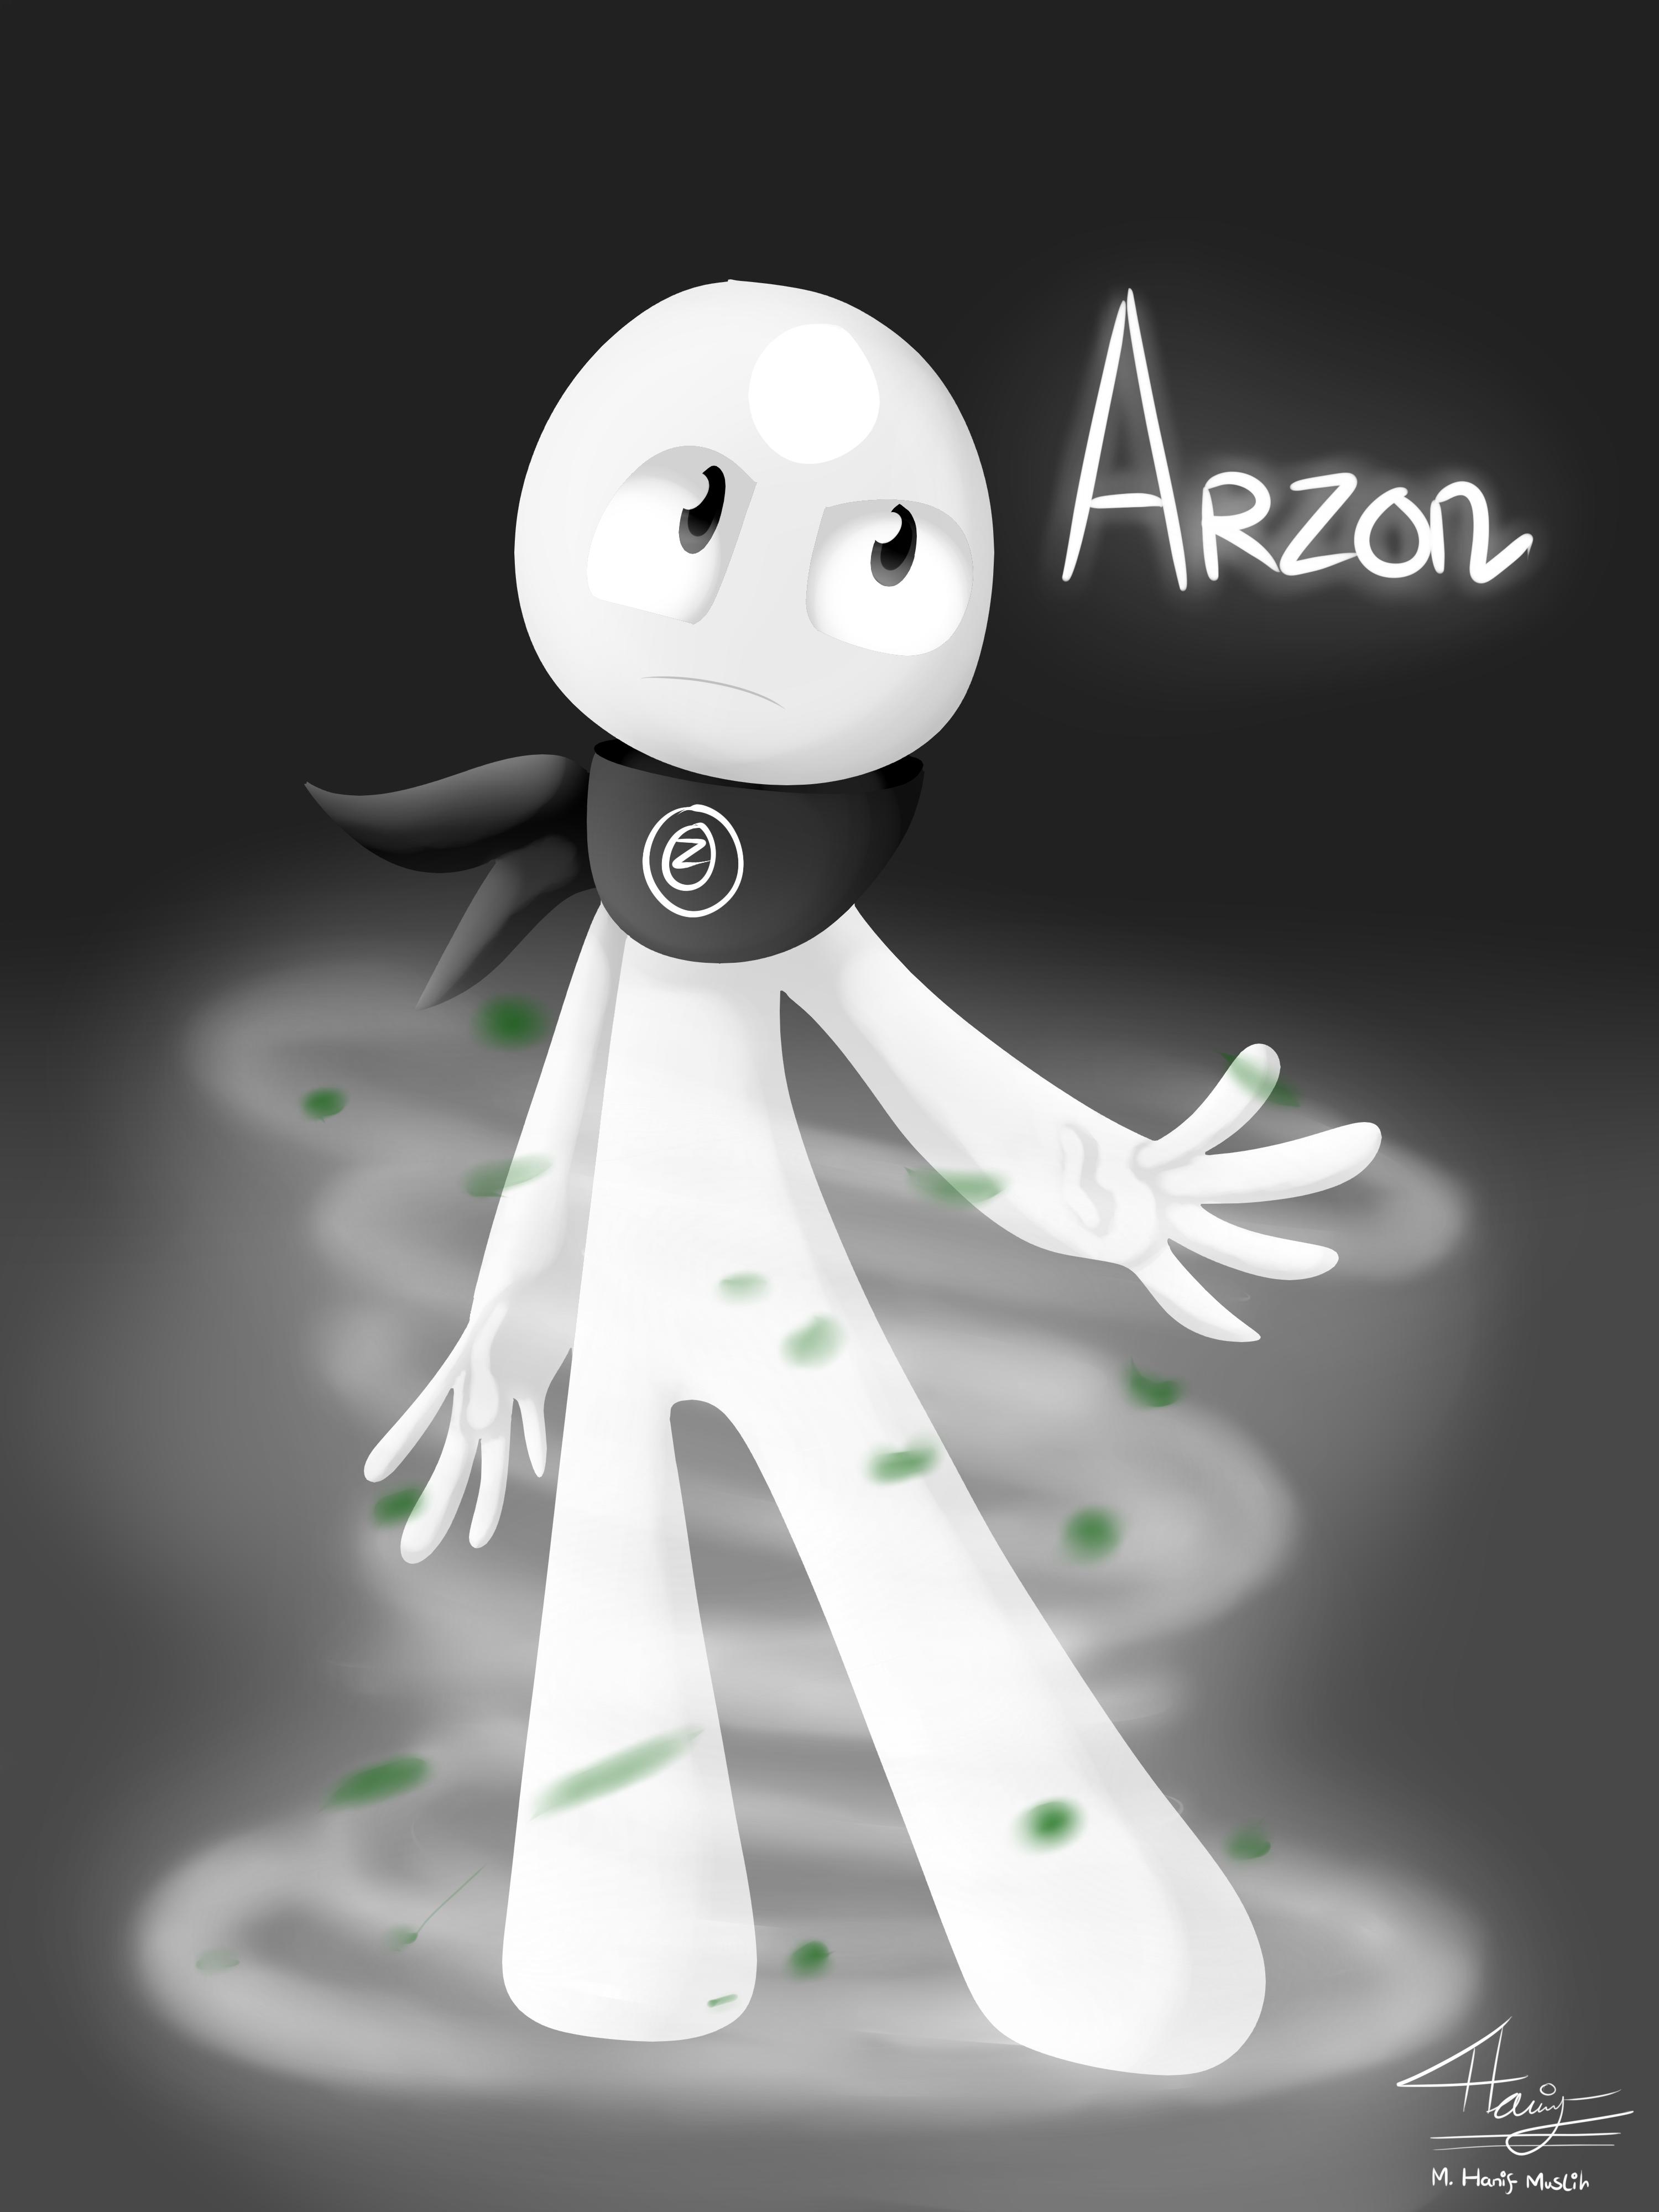 Epic Arzon